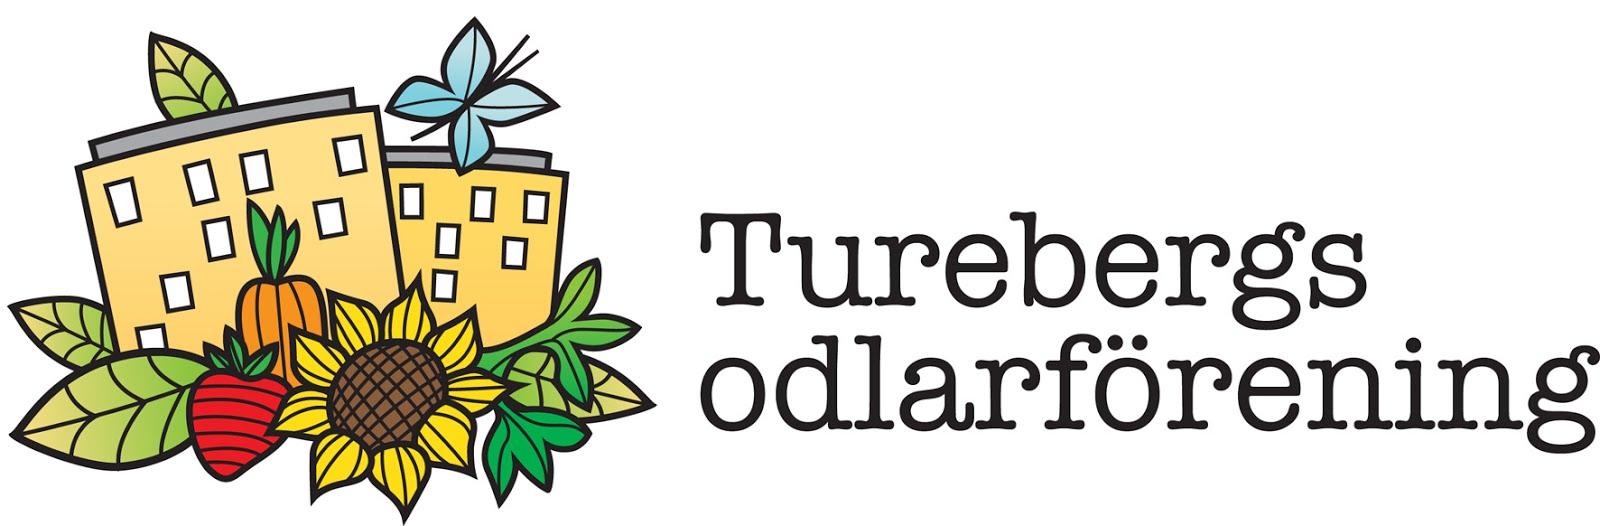 Turebergs odlarförening